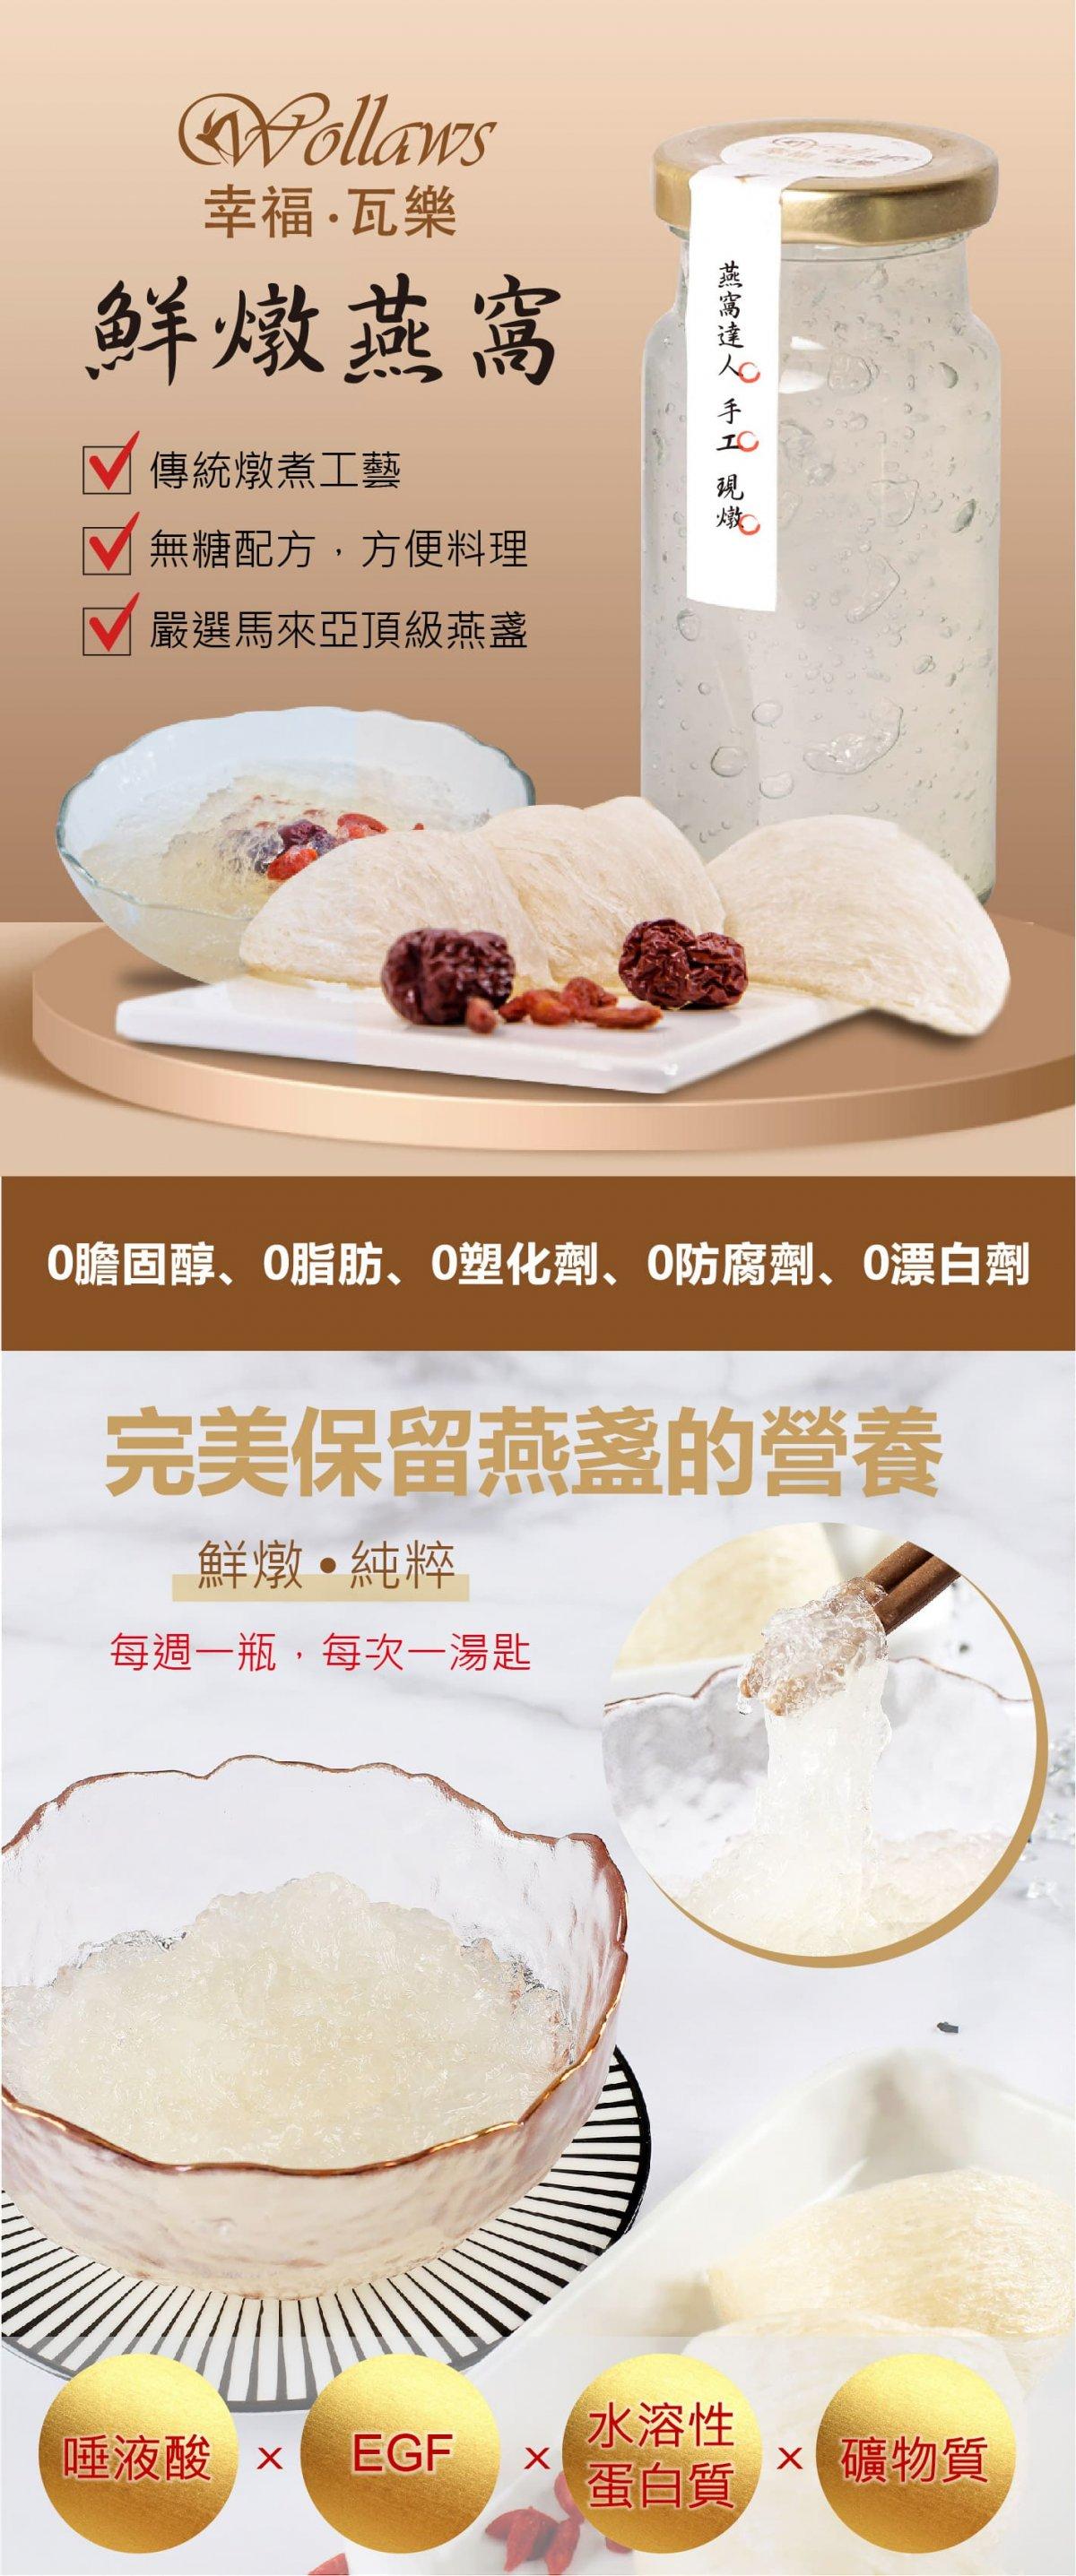 傳統工法燉煮